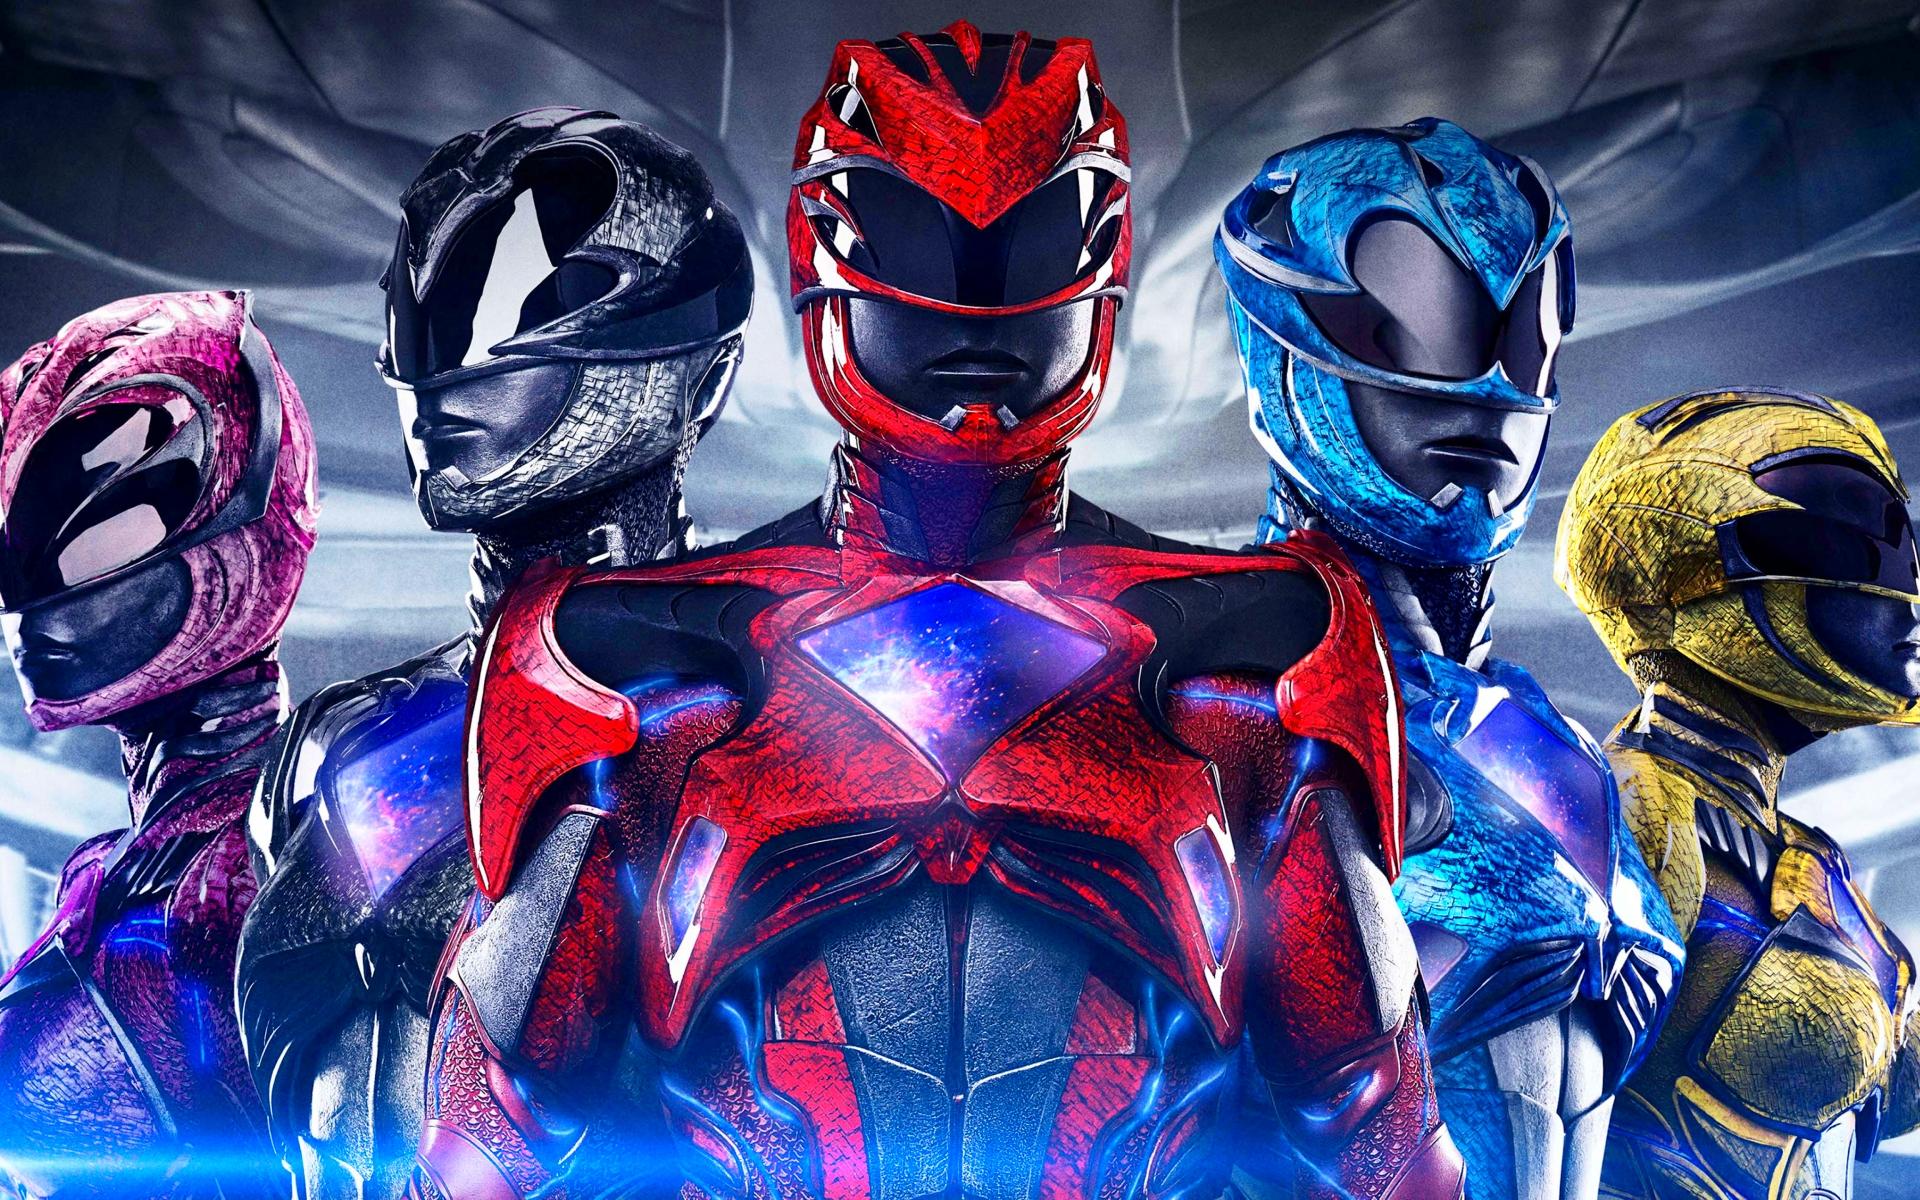 Power Rangers 2017   Power Rangers 2017 Wallpaper 41259538 1920x1200